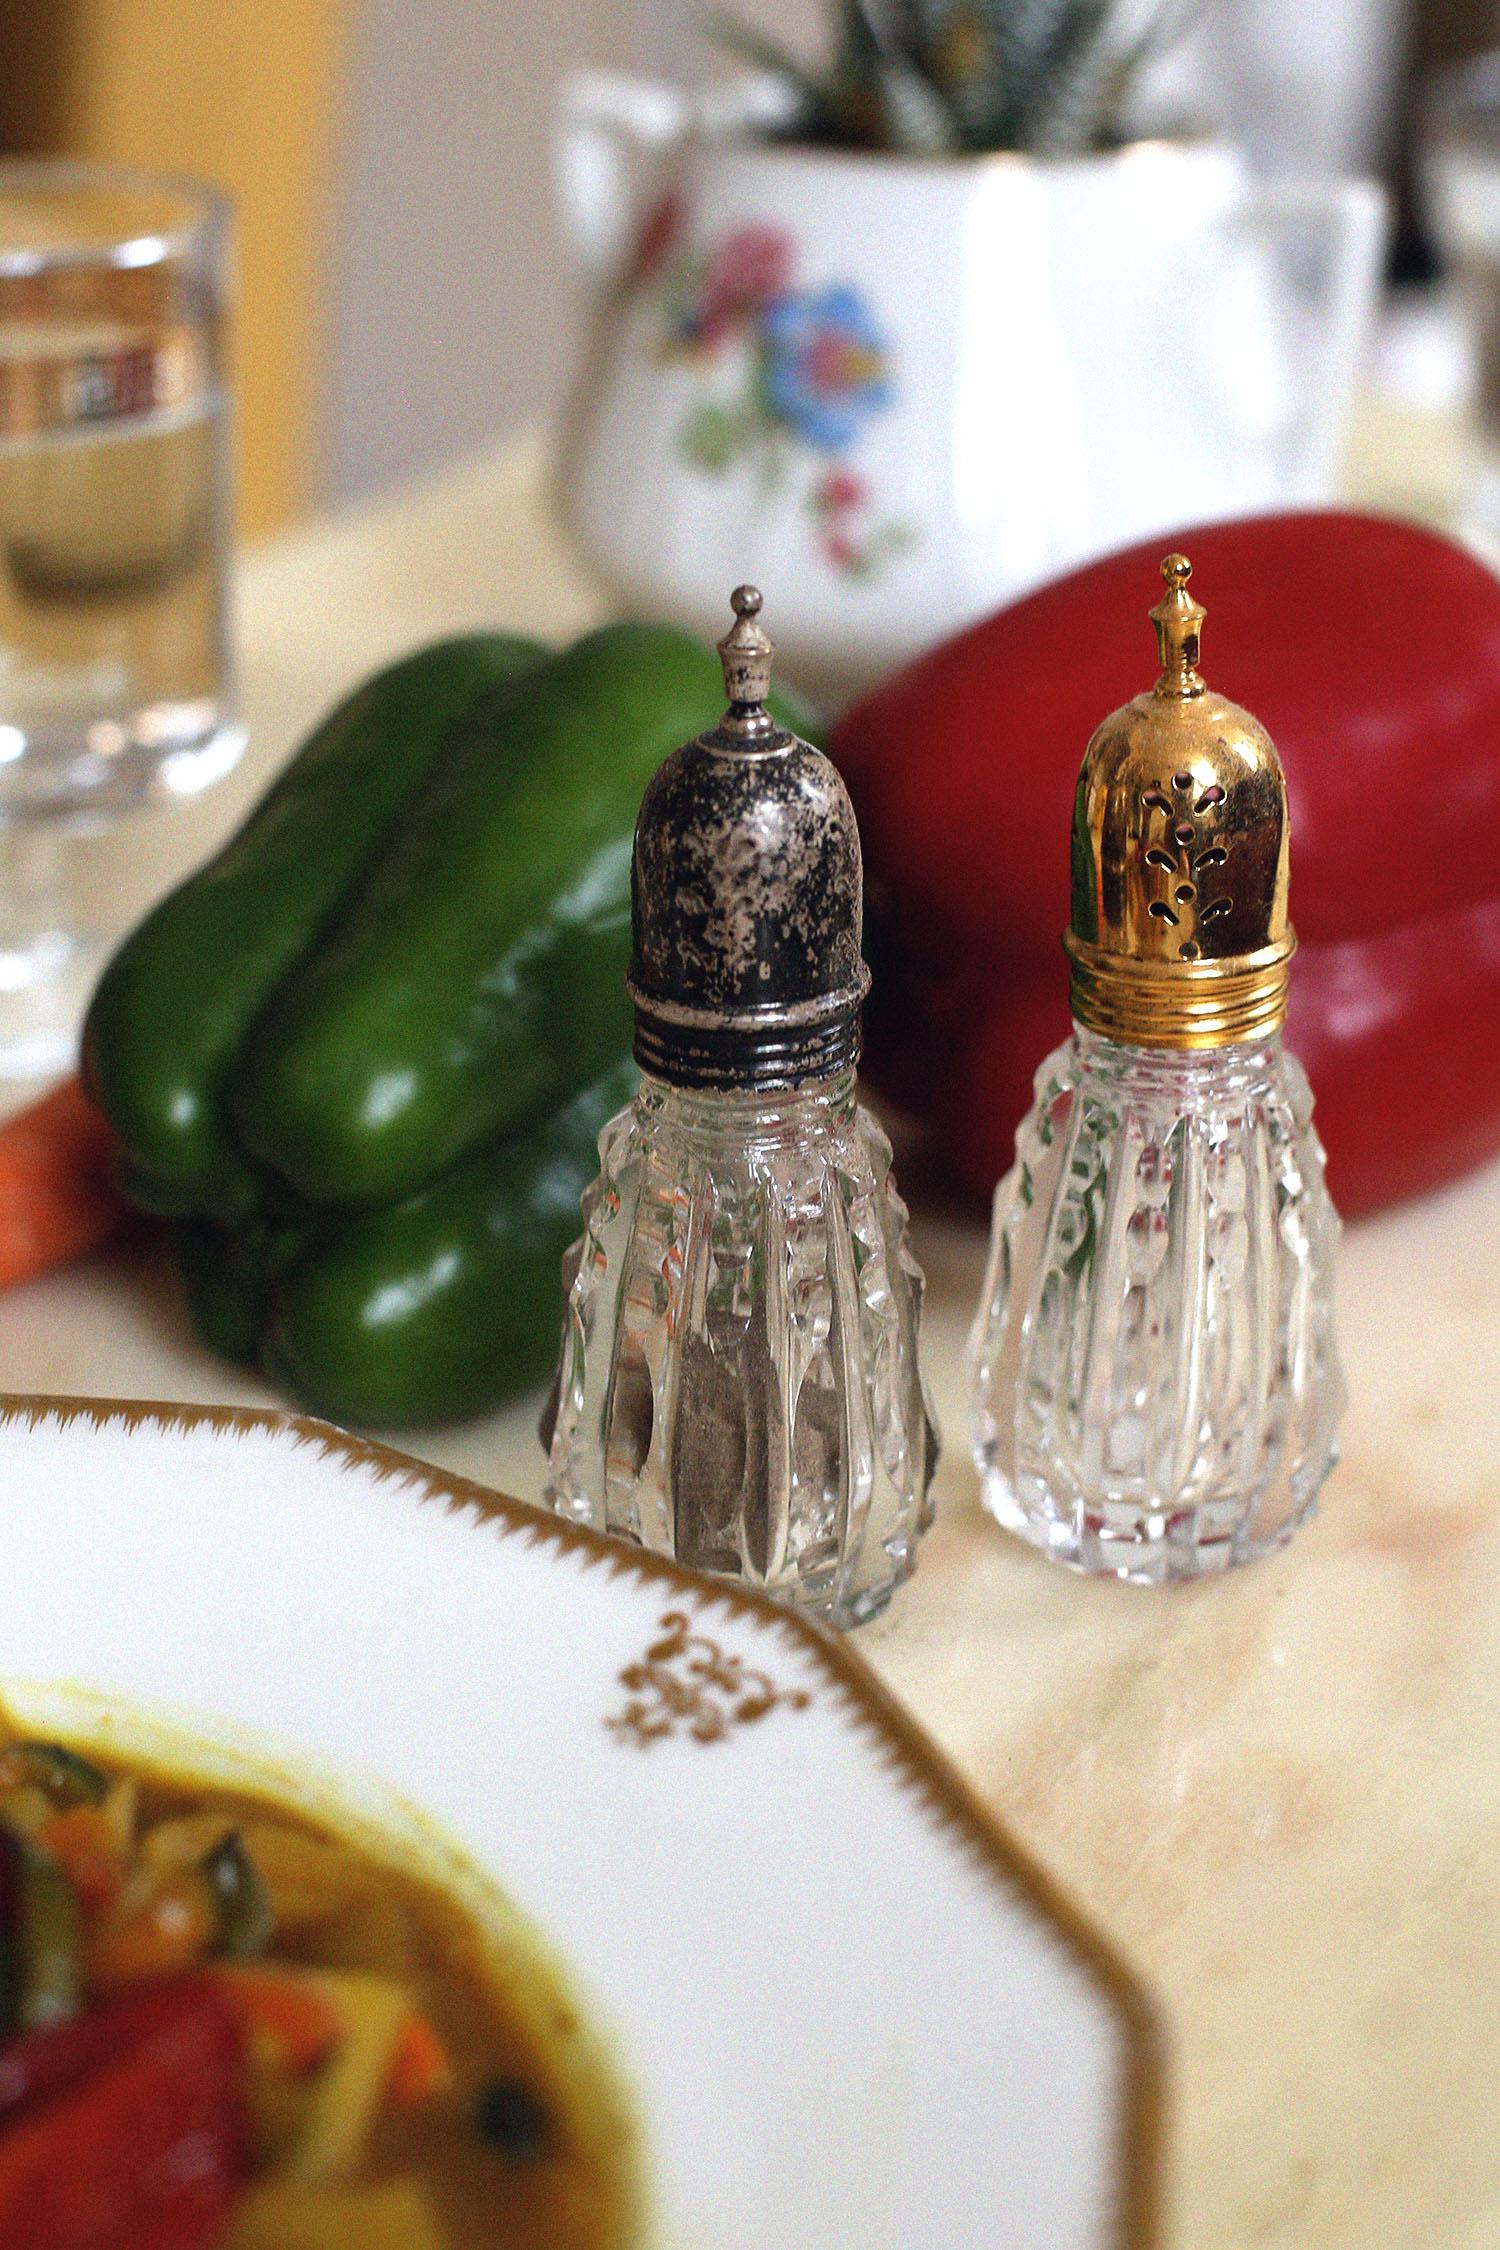 Lady-biche-blog-cuisine-poivron-7